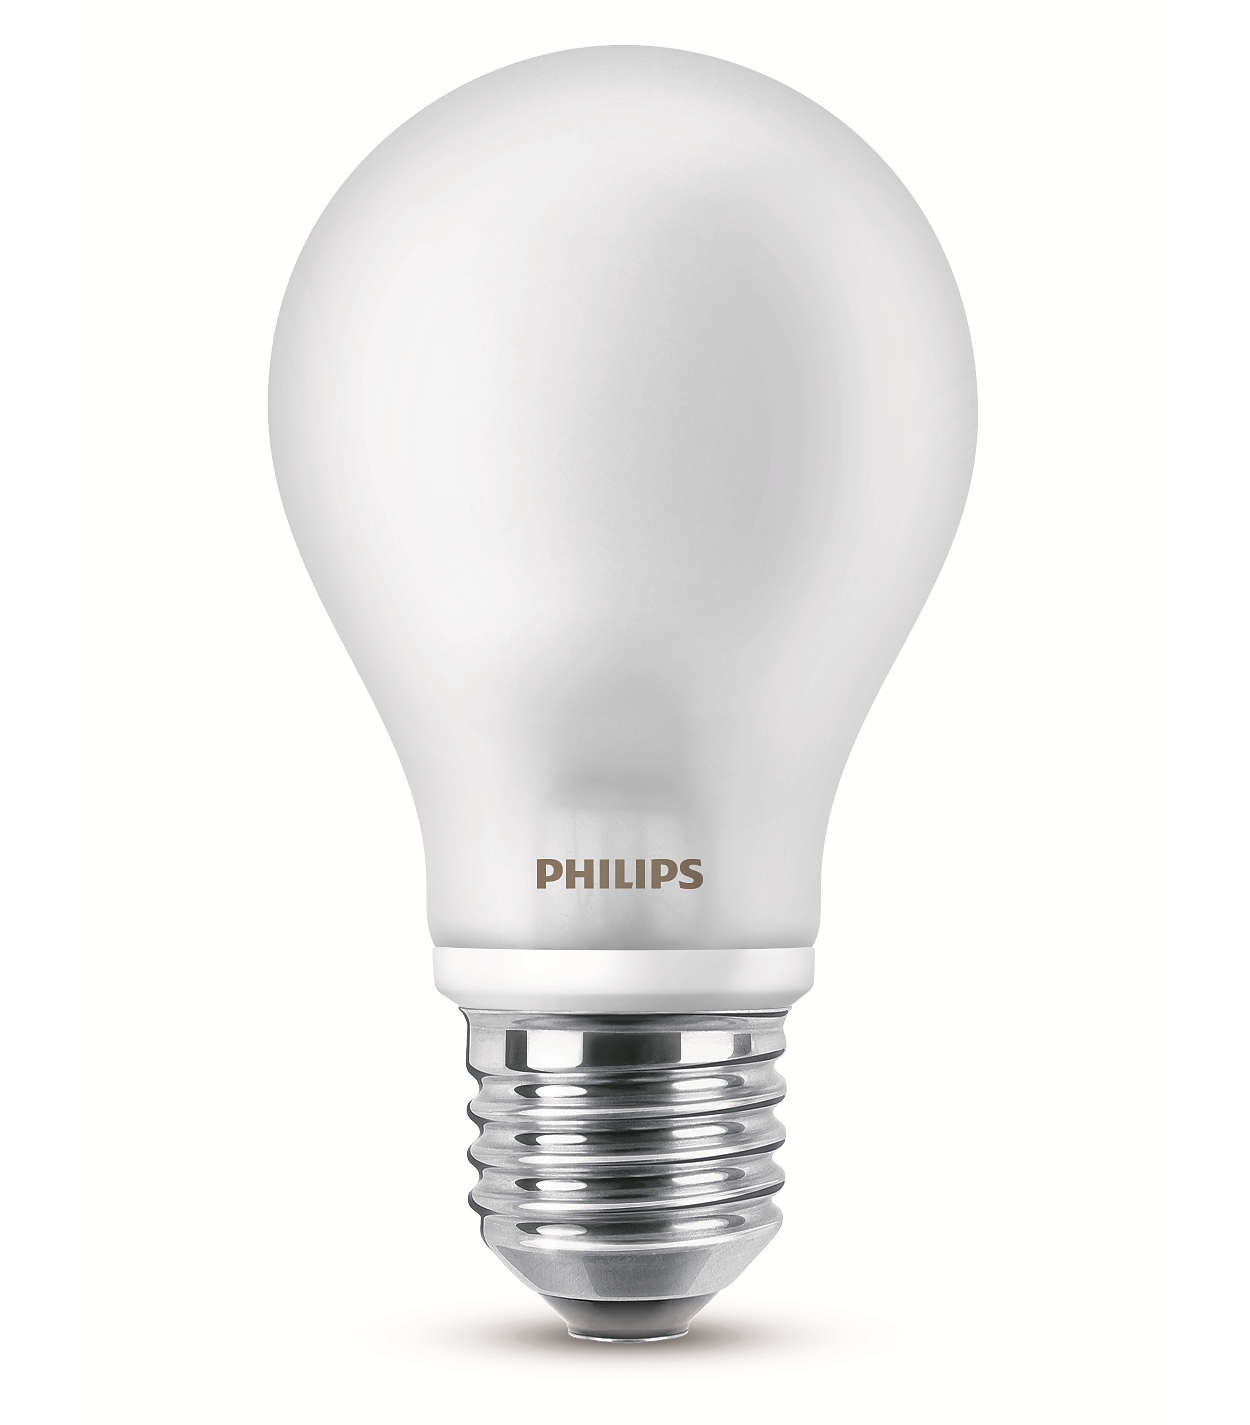 É LED, é Classic